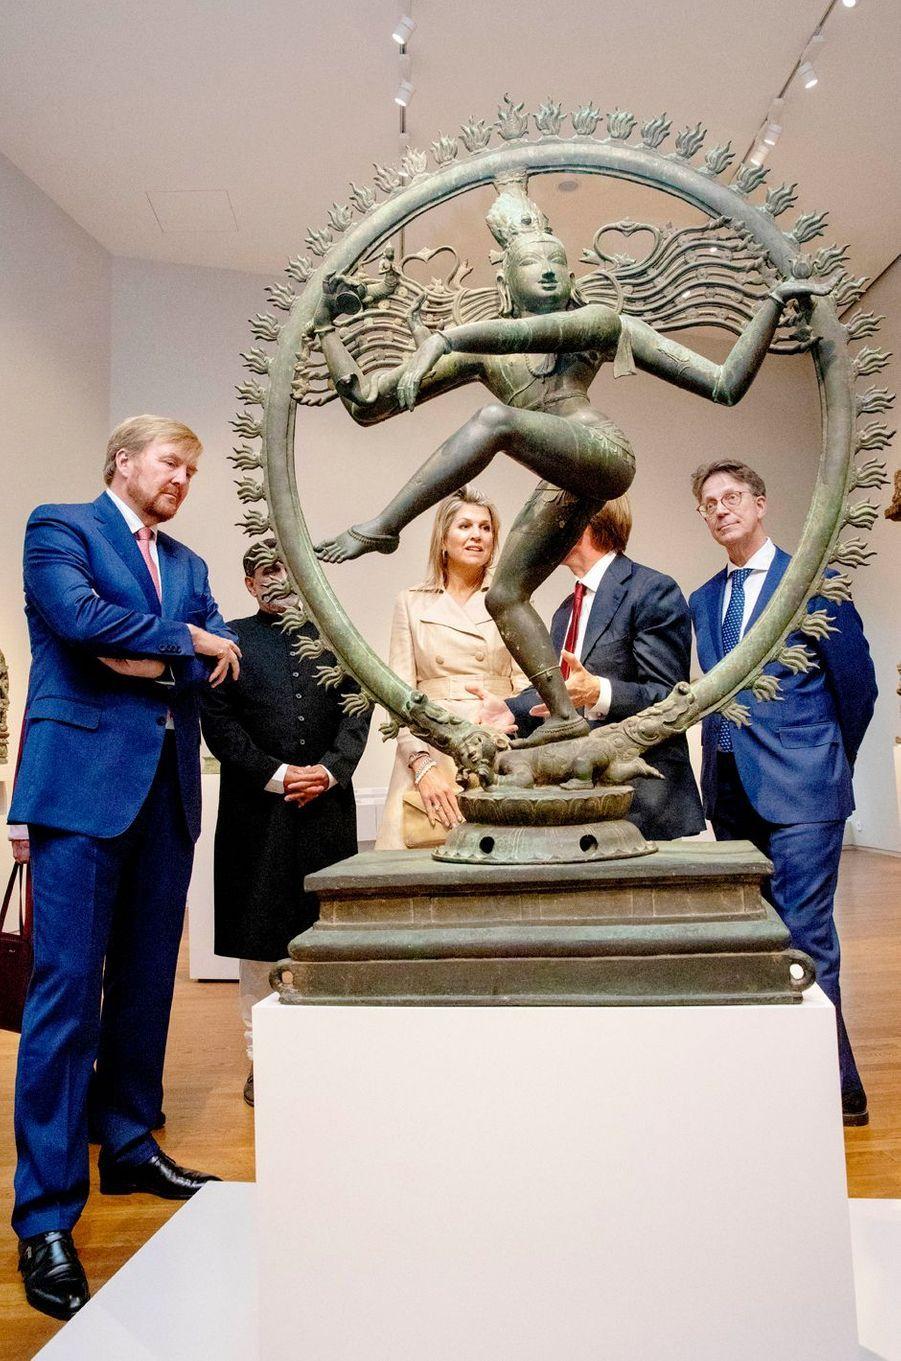 La reine Maxima et le roi Willem-Alexander des Pays-Bas à Amsterdam, le 30 septembre 2019